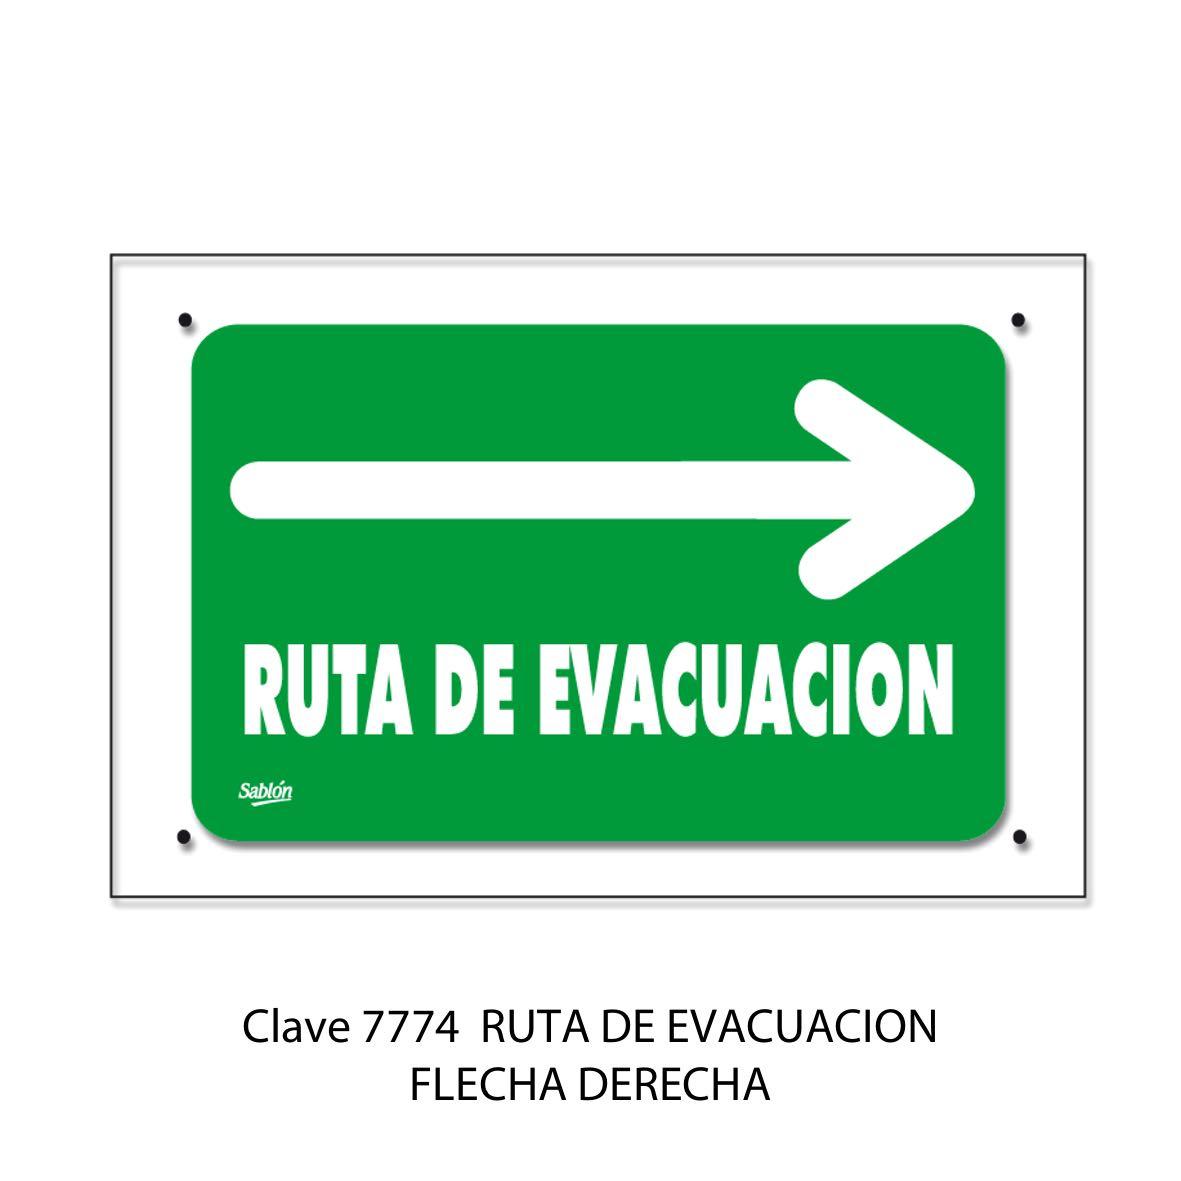 Señal Ruta de Evacuación Flecha hacia la Derecha Modelo 7774 - Sablón